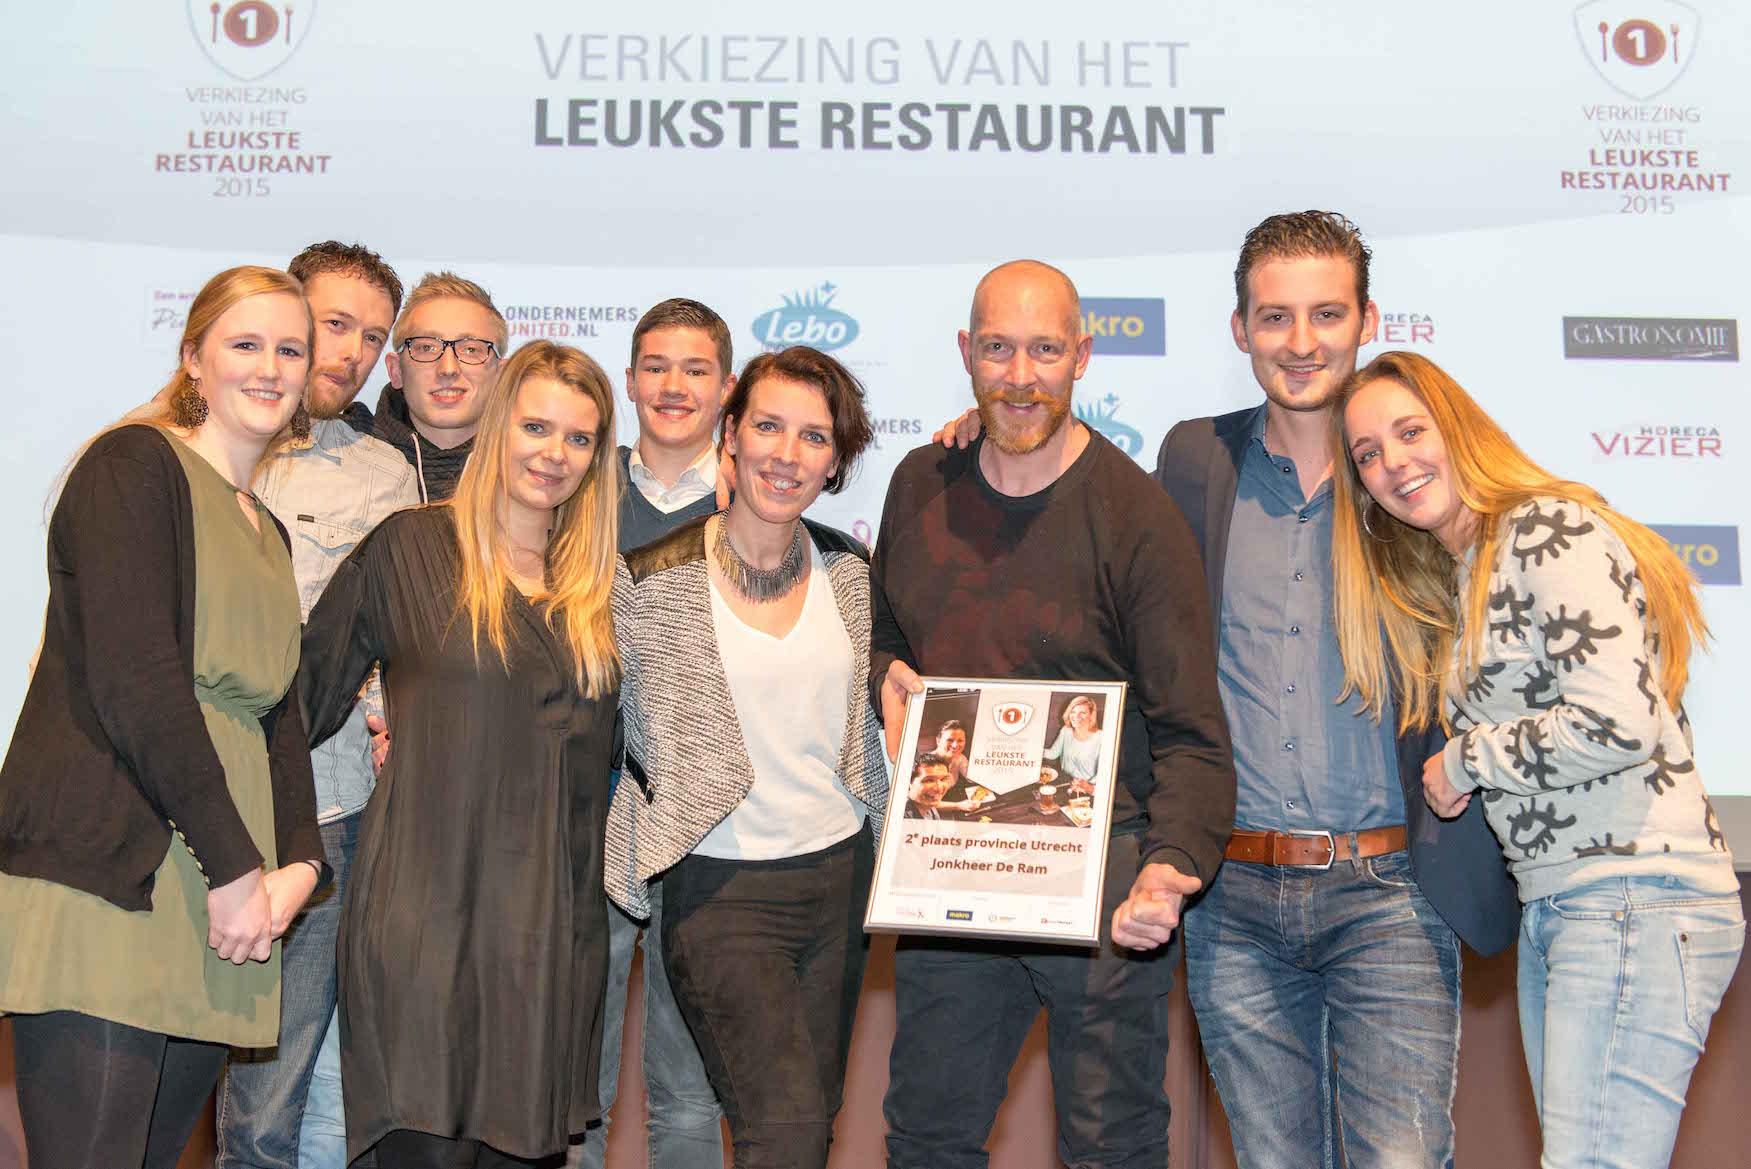 Leukste Restaurant 2015